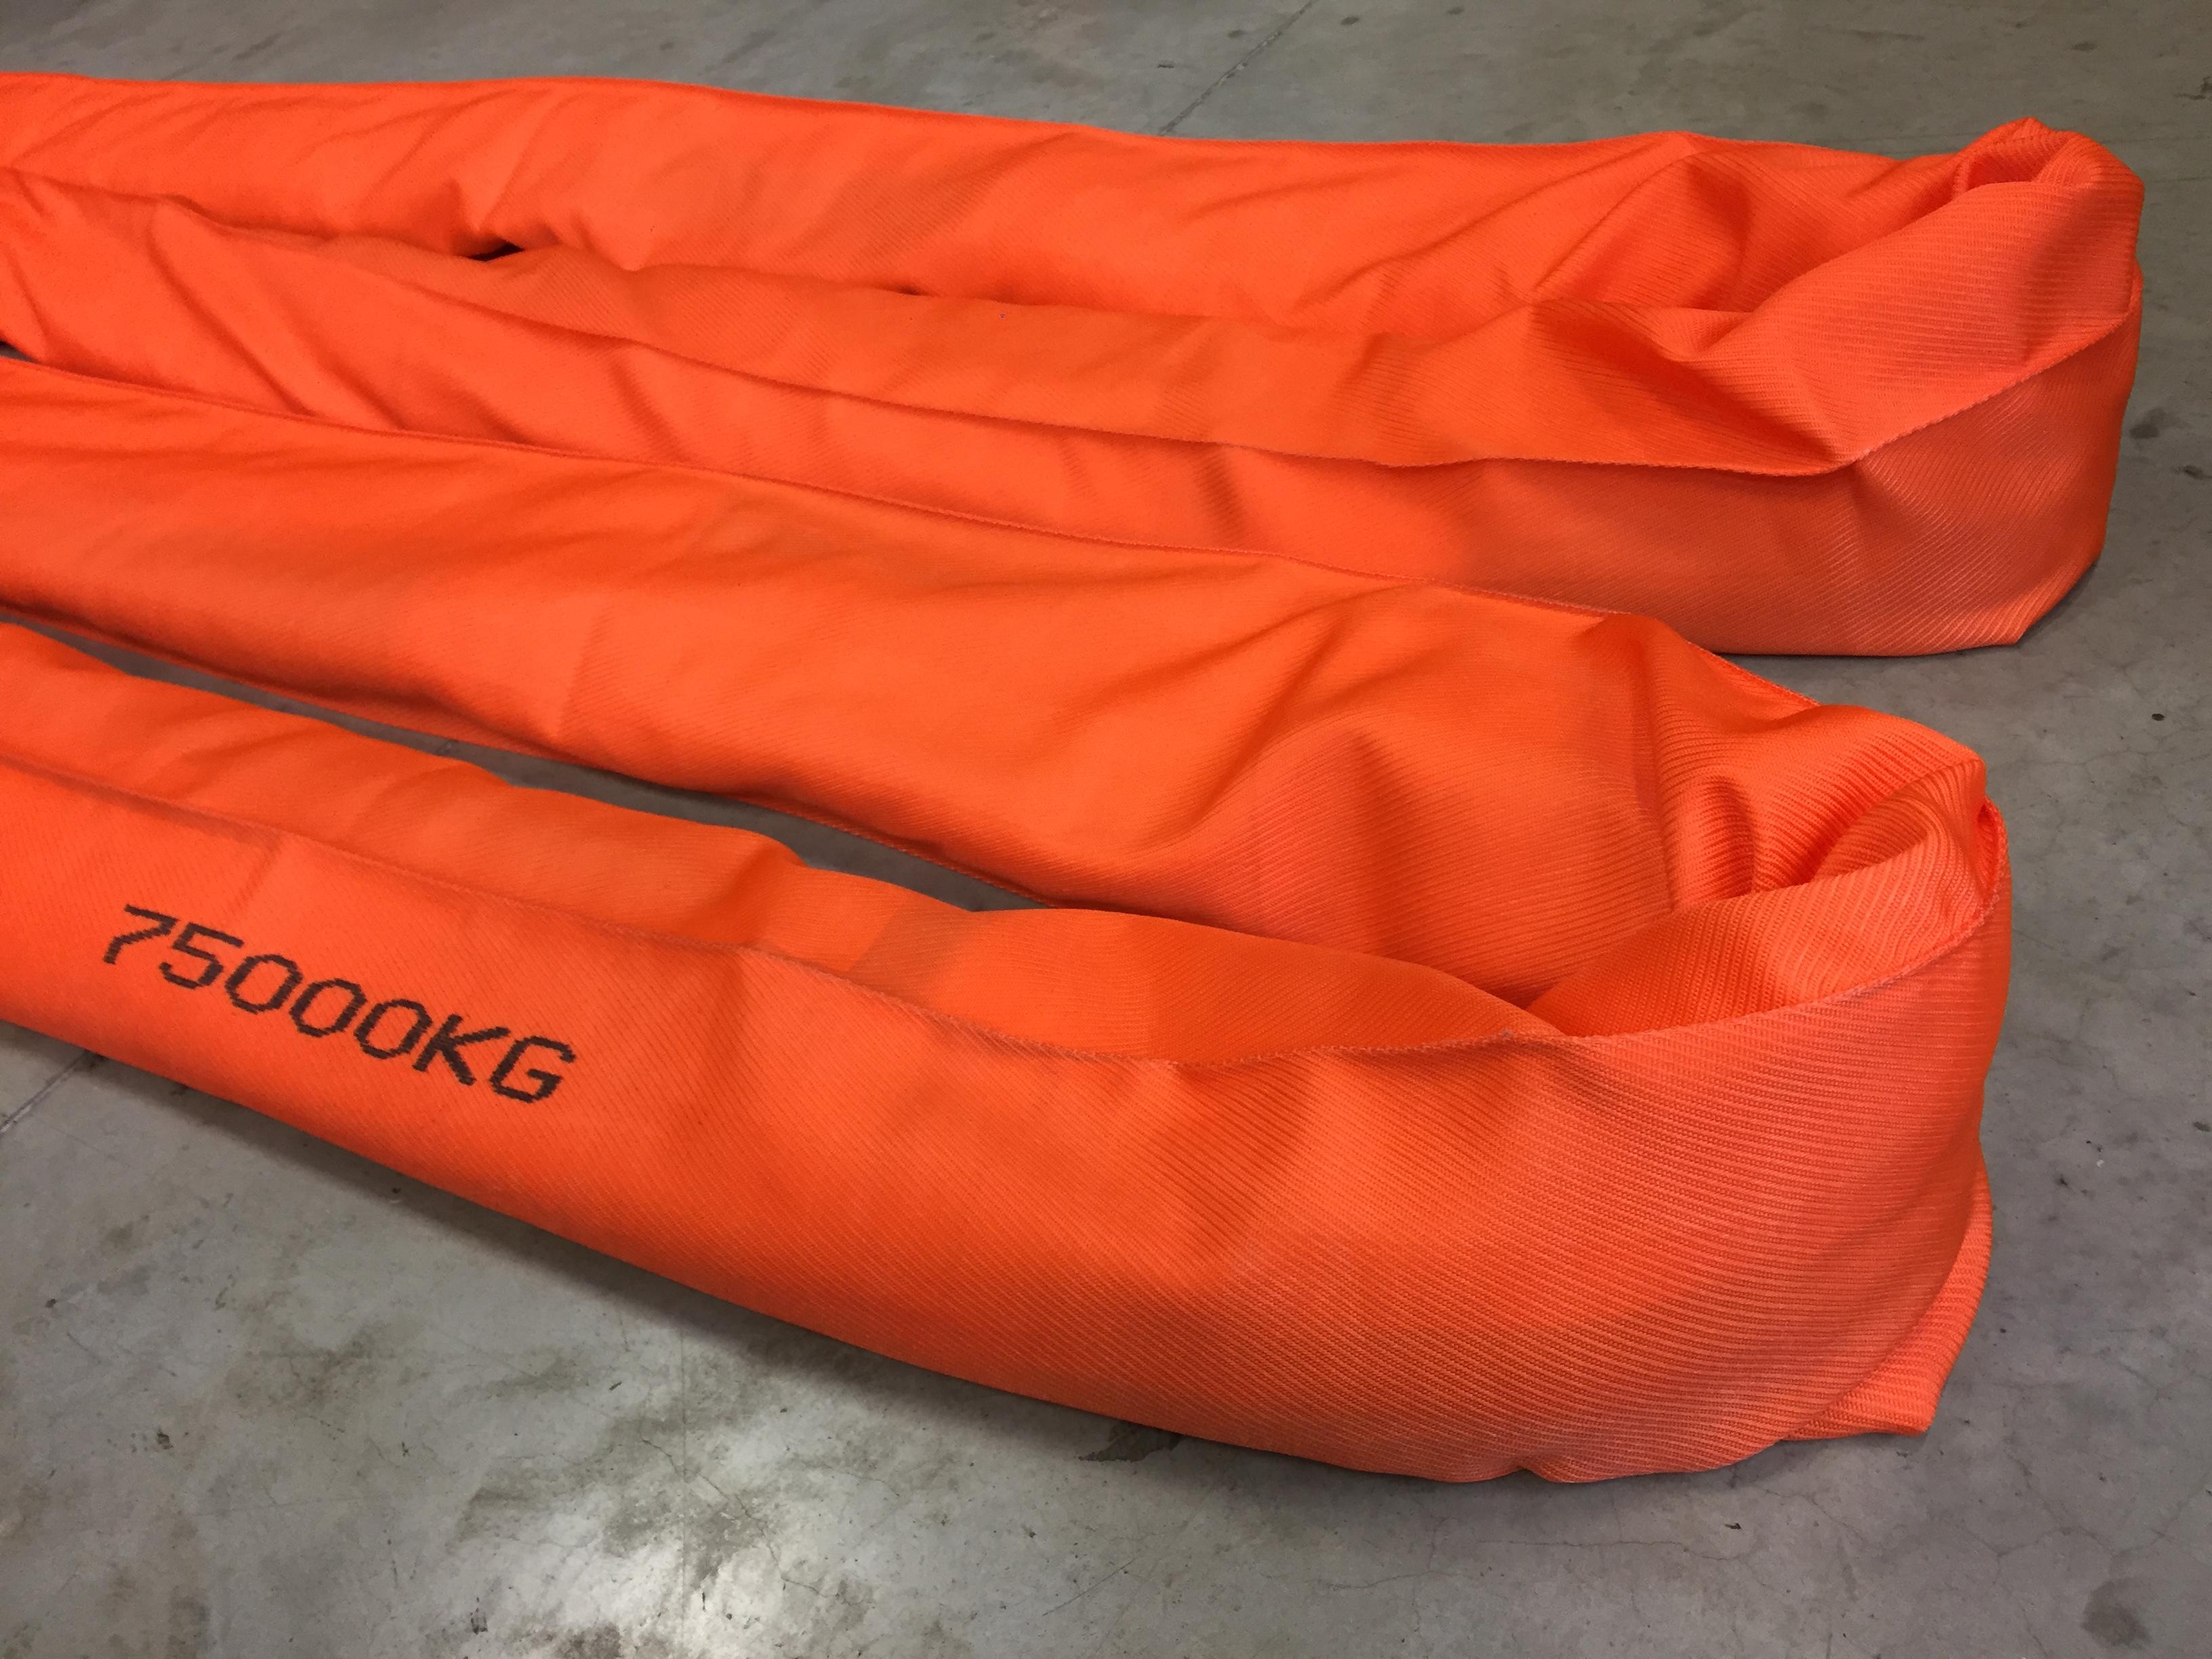 Allweb is Fabrikant van Polyester Eindloze rondstroppen voor zware lasten tot 150 Ton SF7:1. Belgisc...